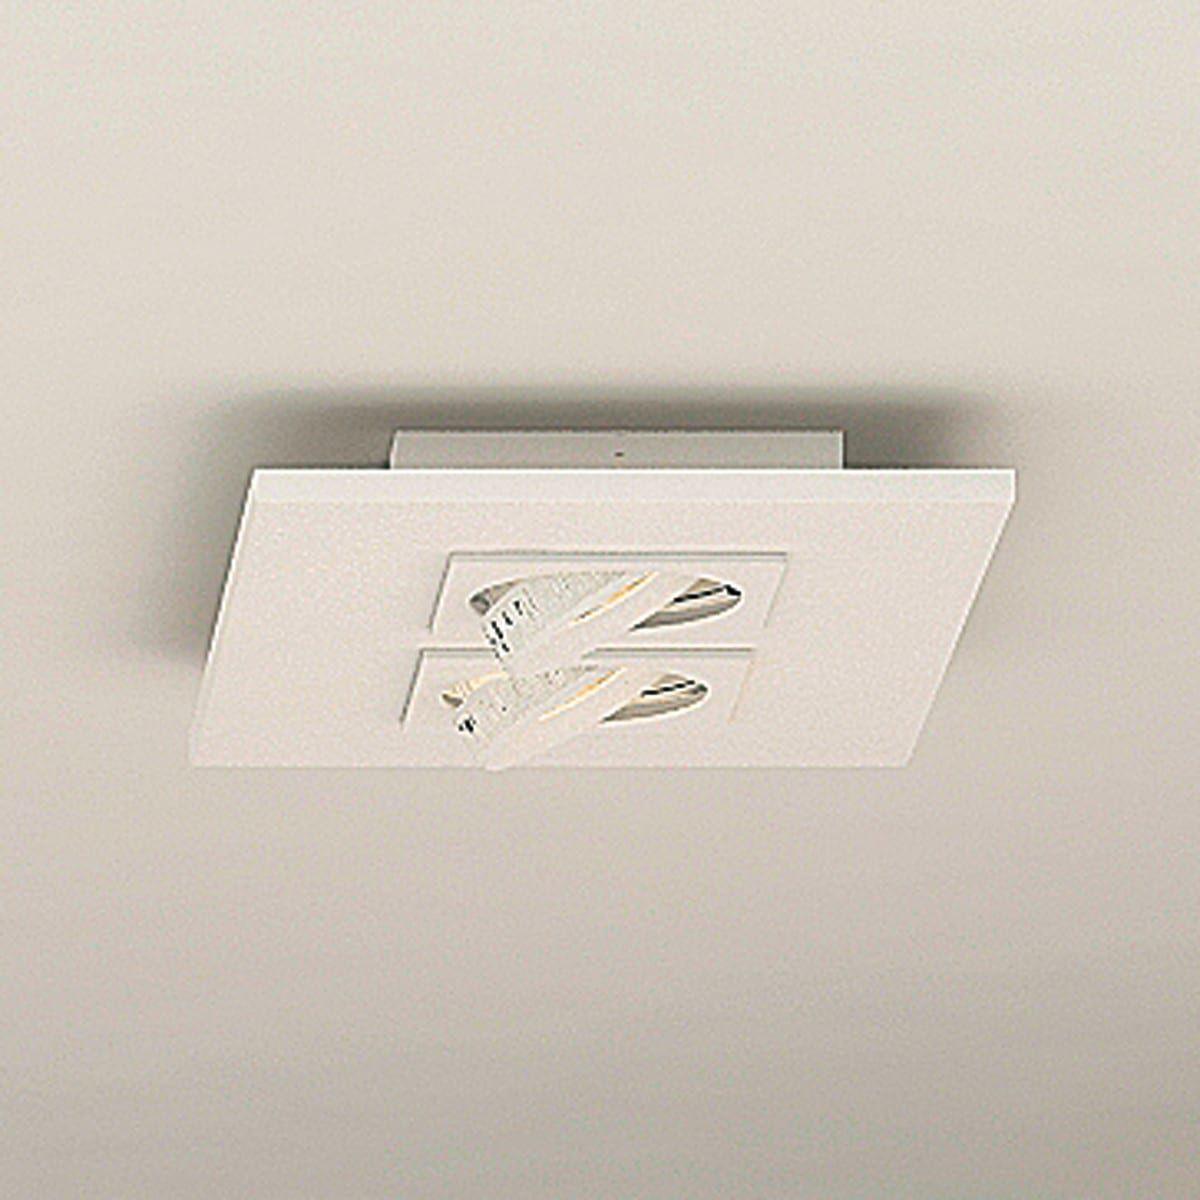 Milan Marc Deckenstrahler 42 X 27 Cm Weiss Mit Bildern Strahler Strahler Mit Bewegungsmelder Deckenstrahler